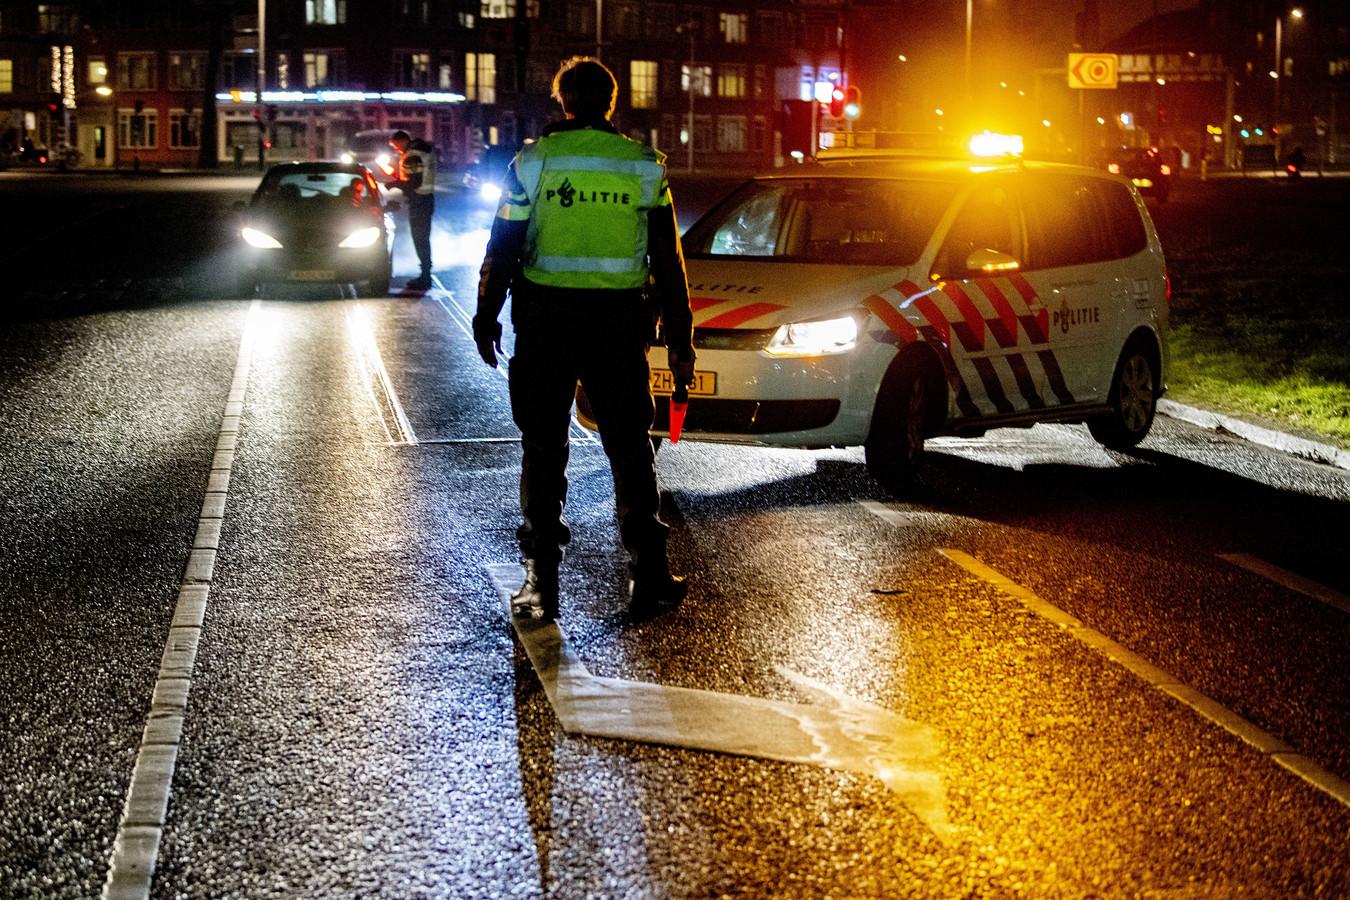 De politie controleert automobilisten in Rotterdam-Zuid tijdens de avondklok.